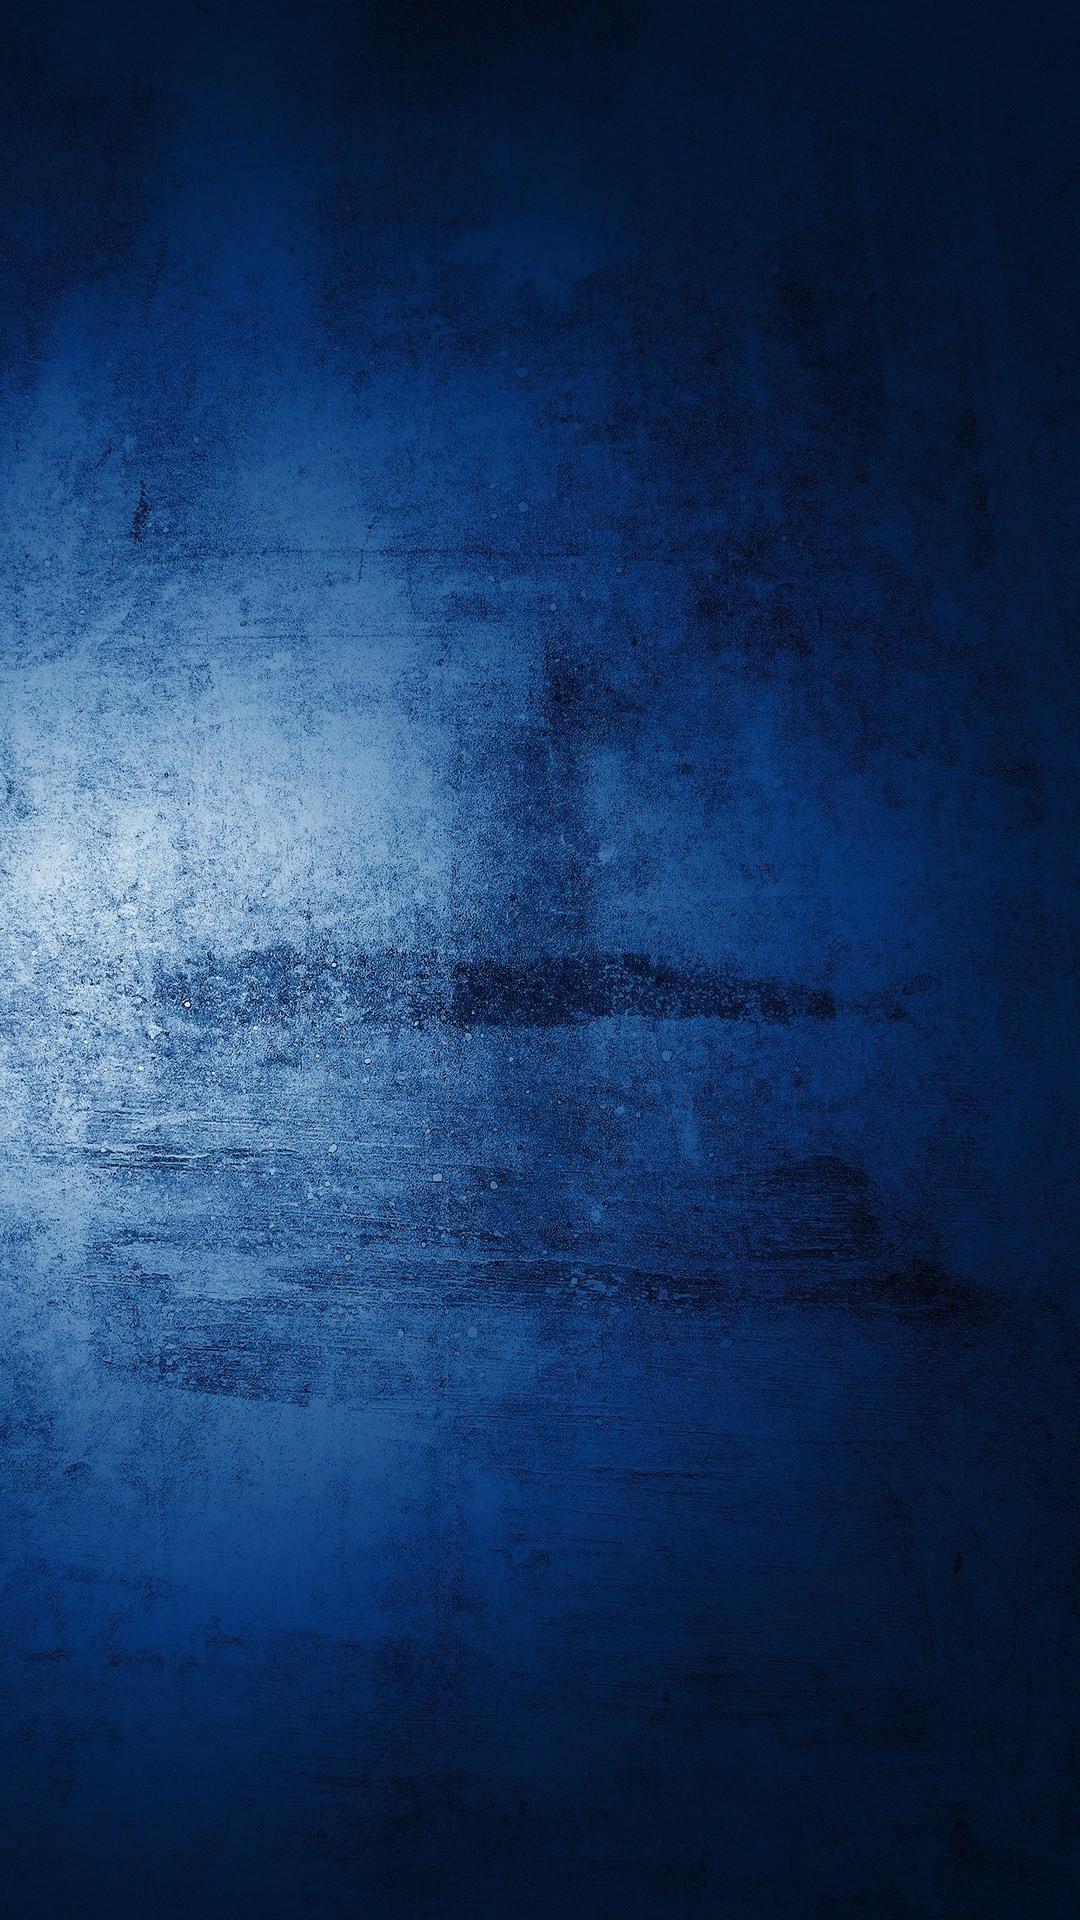 blue mobile wallpaper 46511